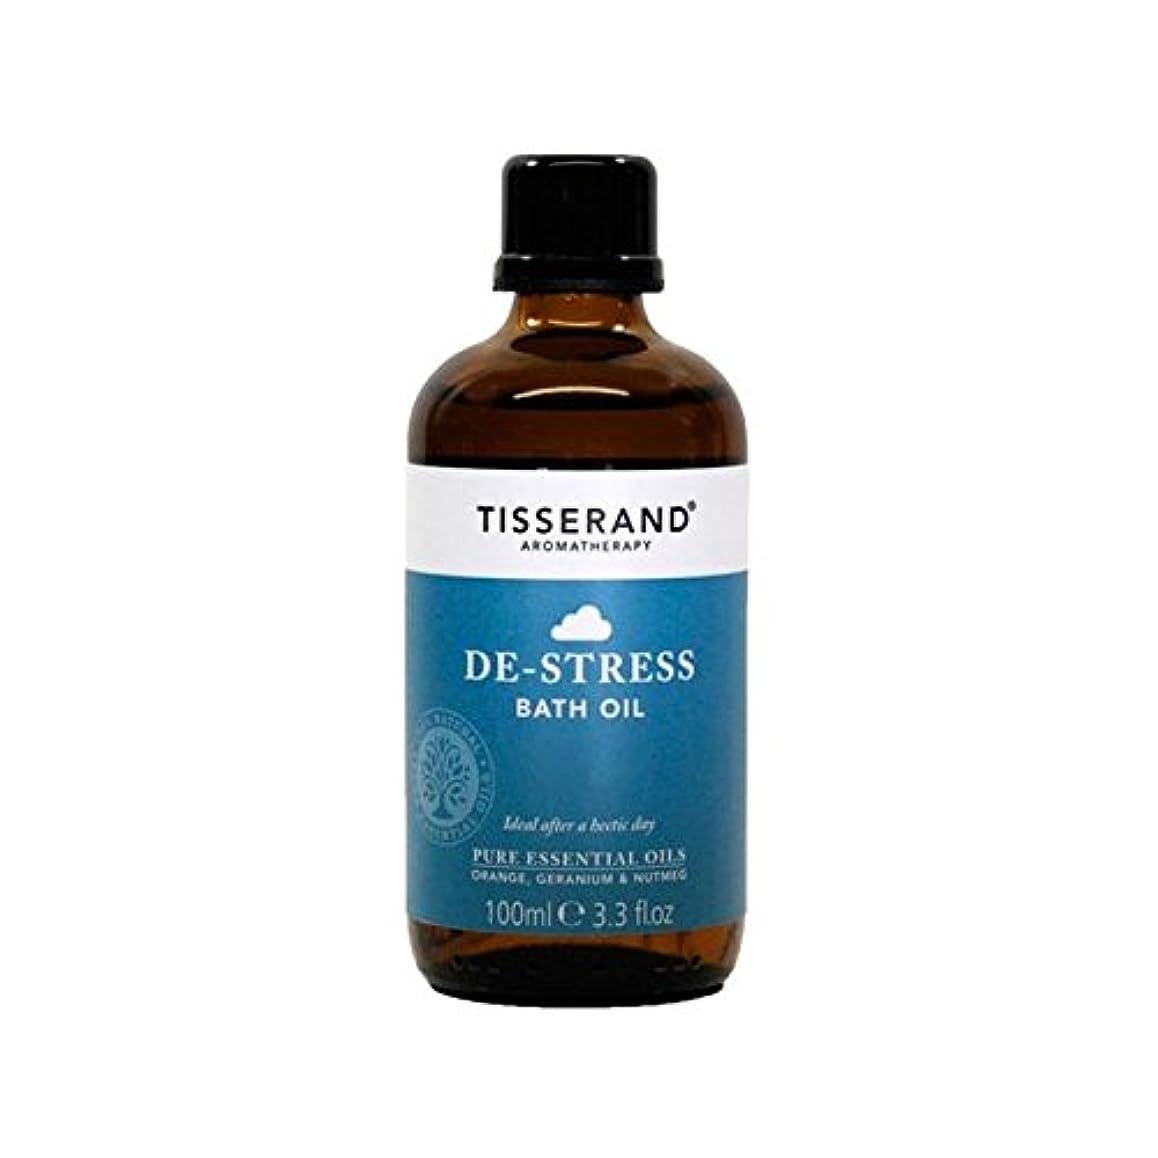 狂う十代の若者たち送ったTisserand De-Stress Bath Oil 100ml - ティスランドストレス解消入浴オイル100ミリリットル [並行輸入品]